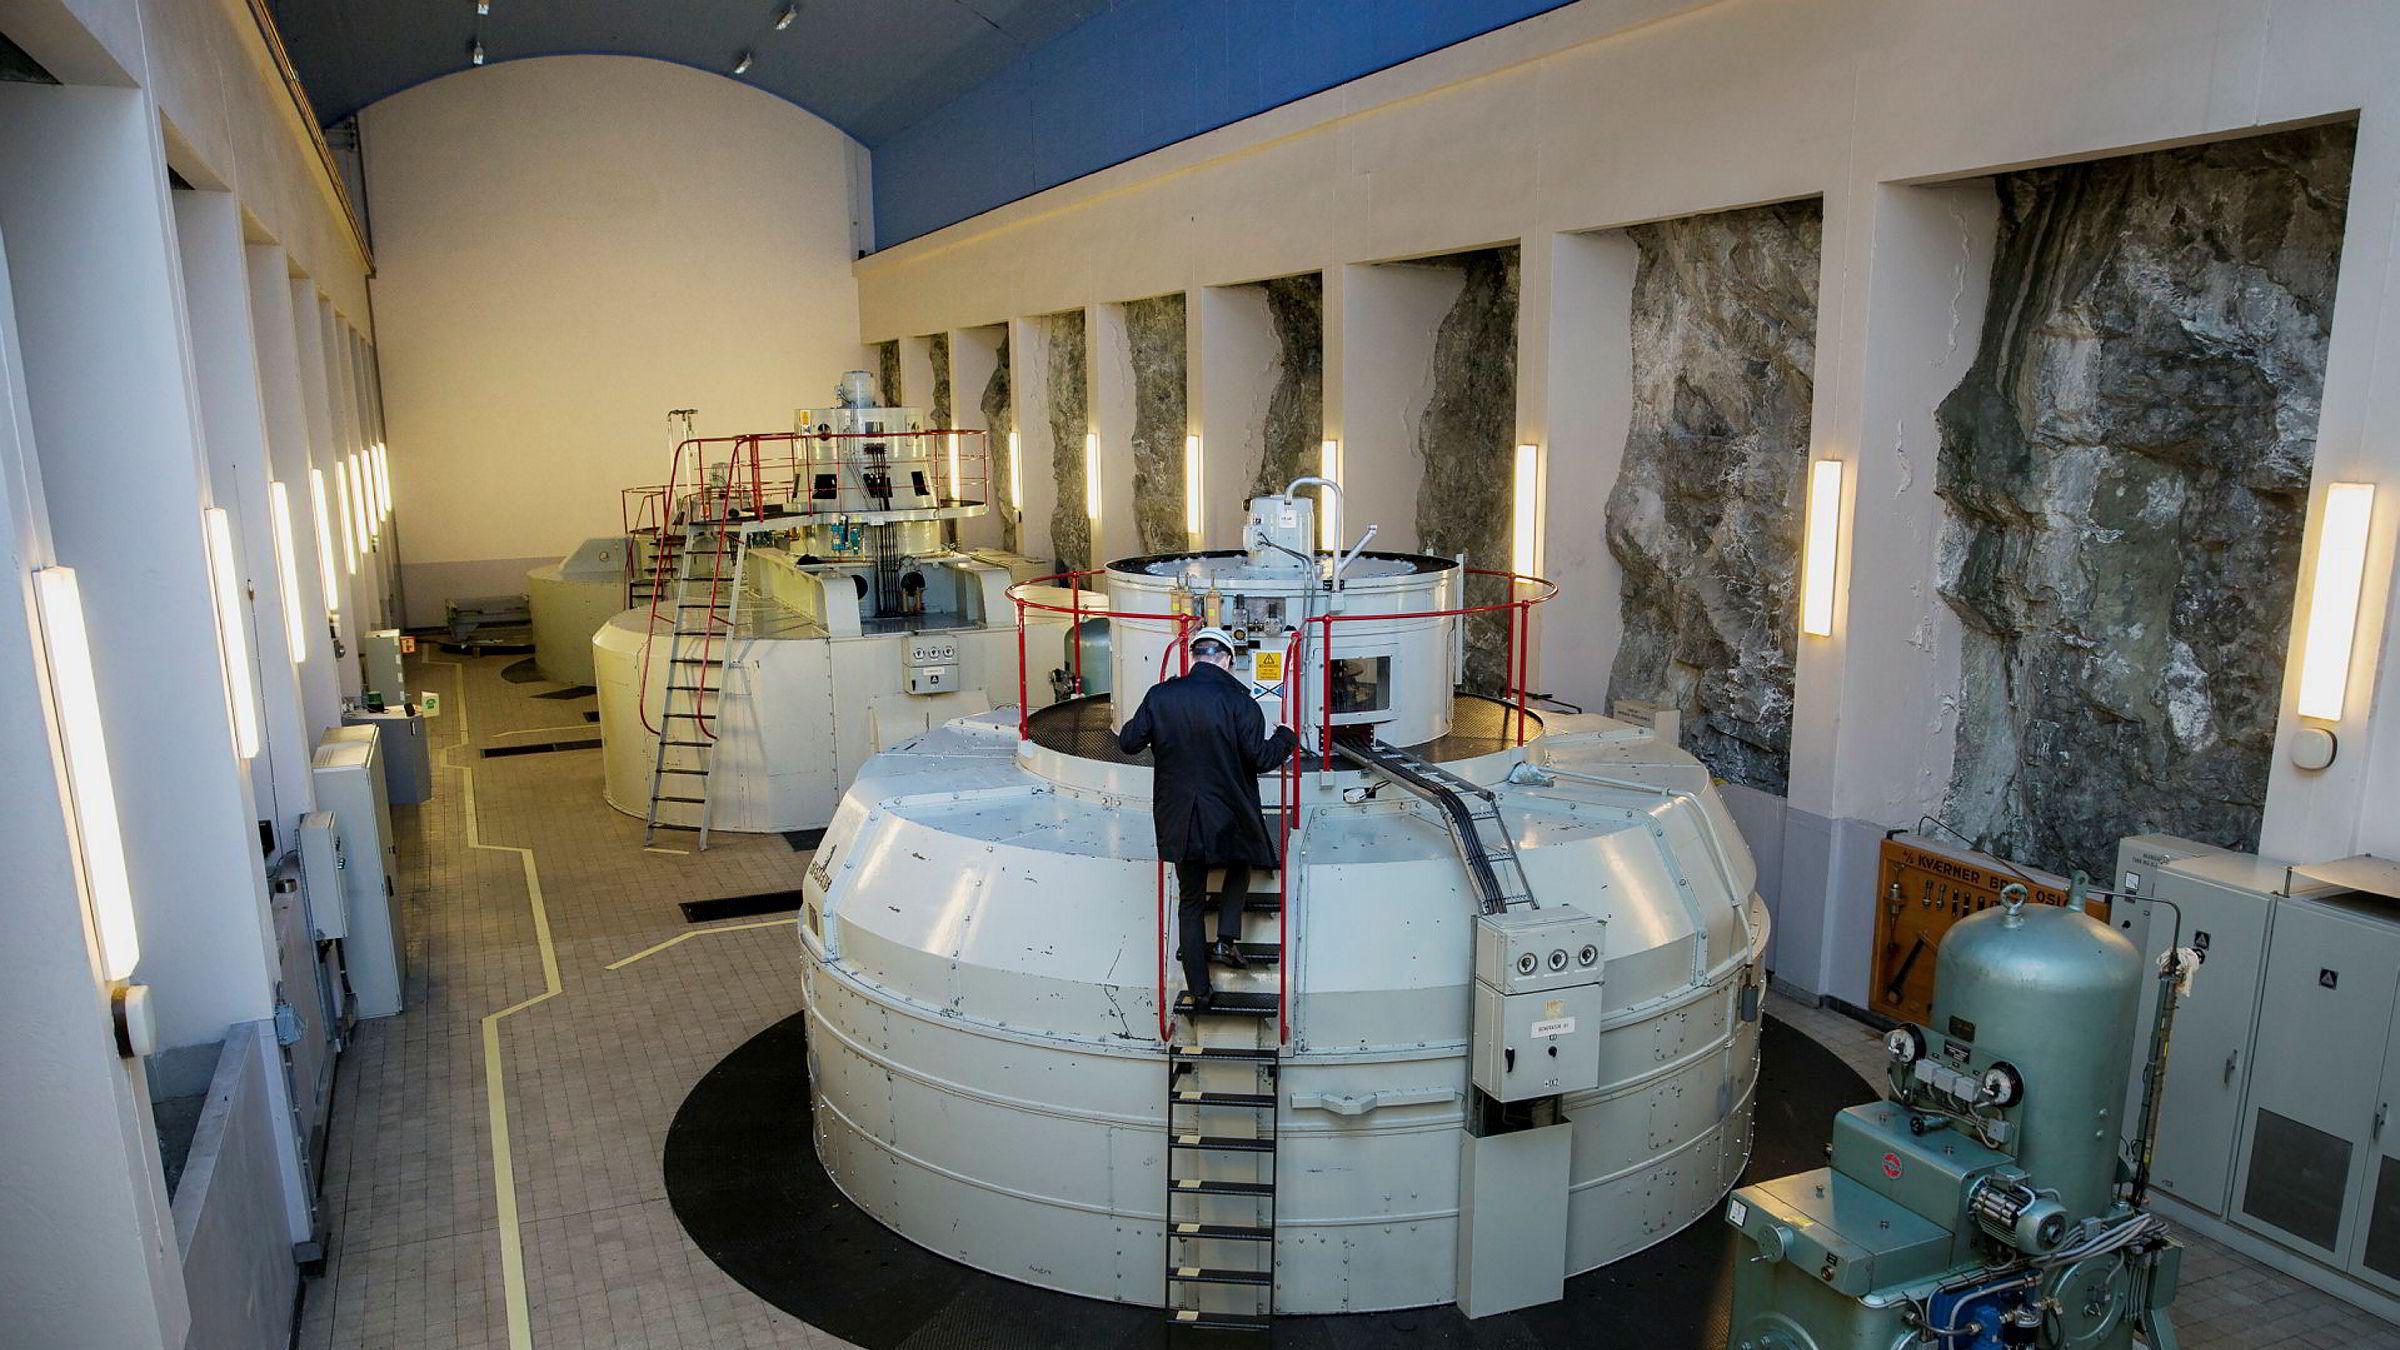 Kraftselskapene bidrar til kommunekassene med eiendomsskatt, naturressursskatt, konsesjonsavgifter og konsesjonskraft, skriver Terje Breivik og Jon Gunnes i innlegget. Bildet viser maskinhallen på kraftverket Nedre Fiskumfoss, med turbiner produsert i 1943.